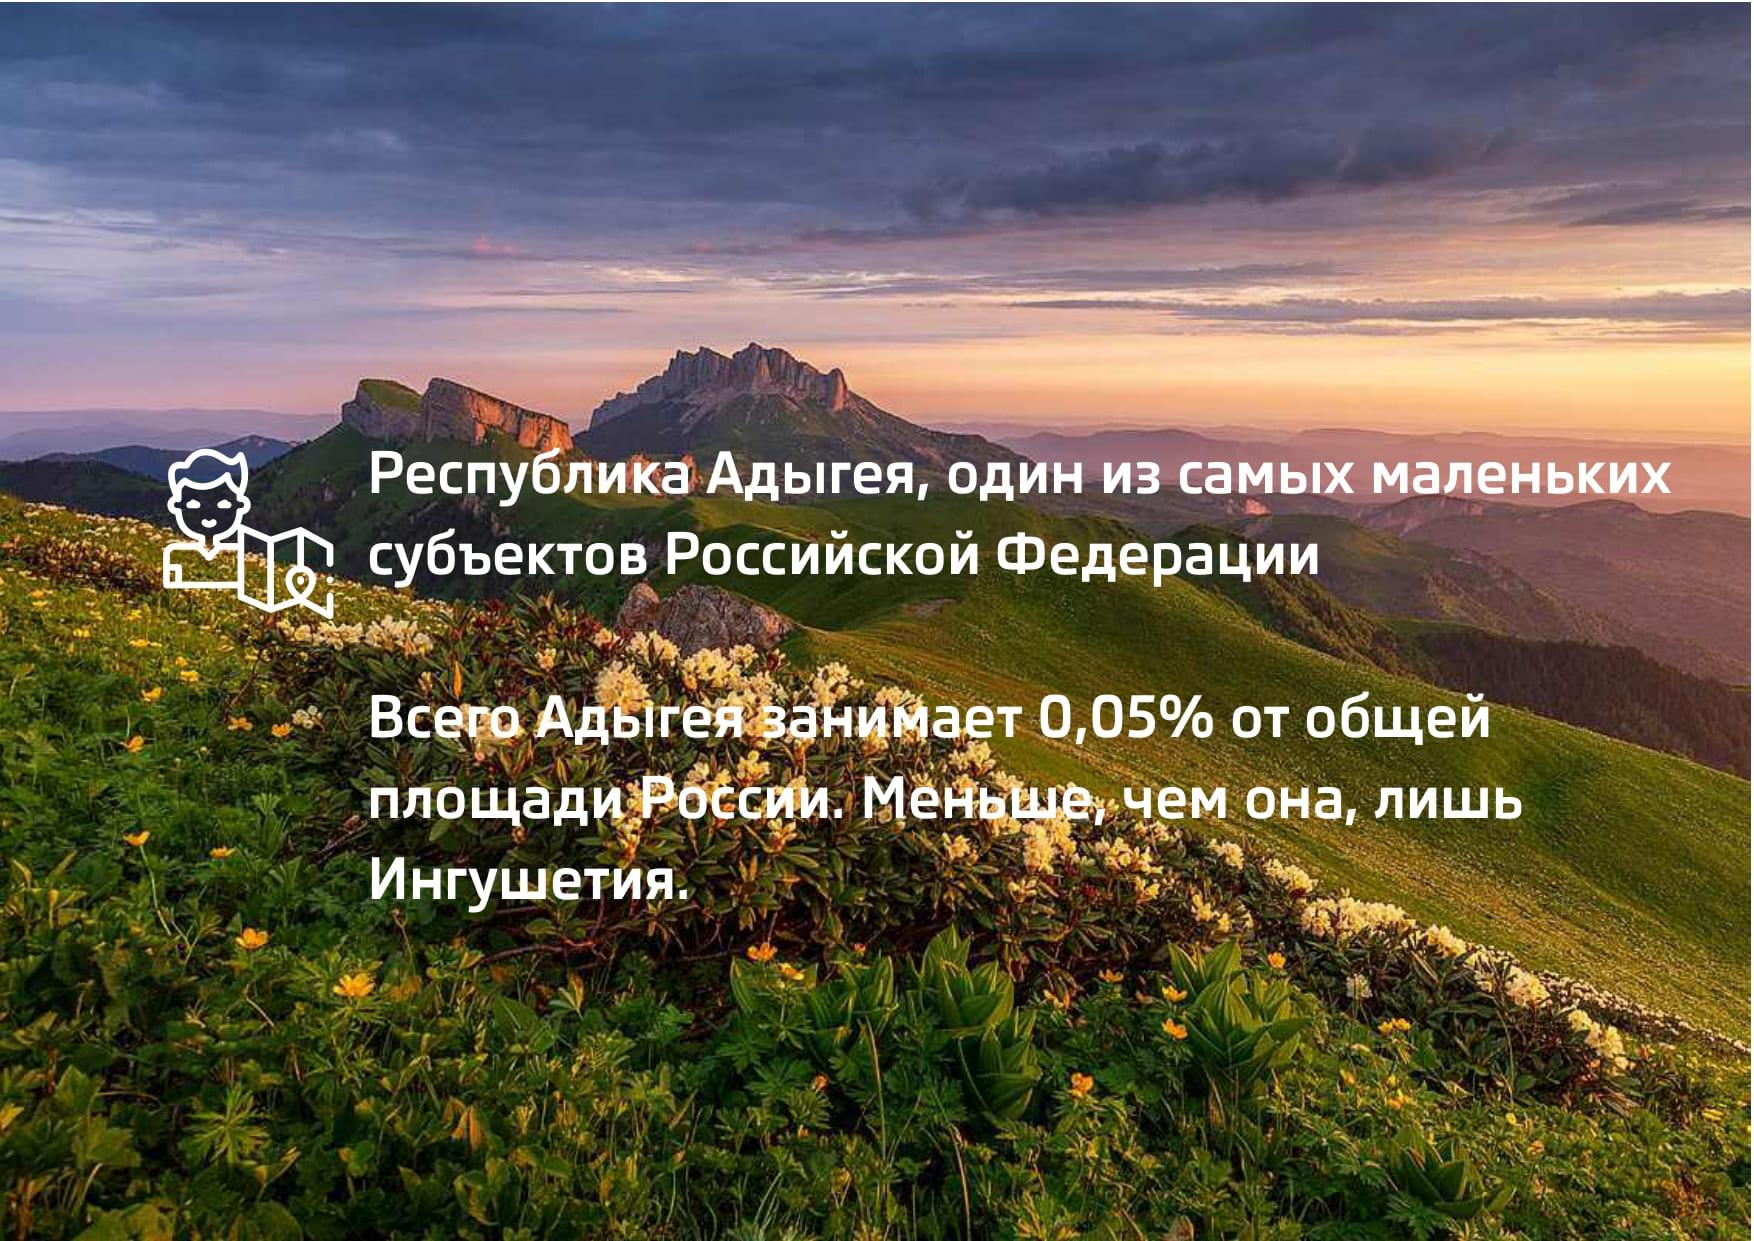 Адыгея активный тур_compressed (2)_page-0007